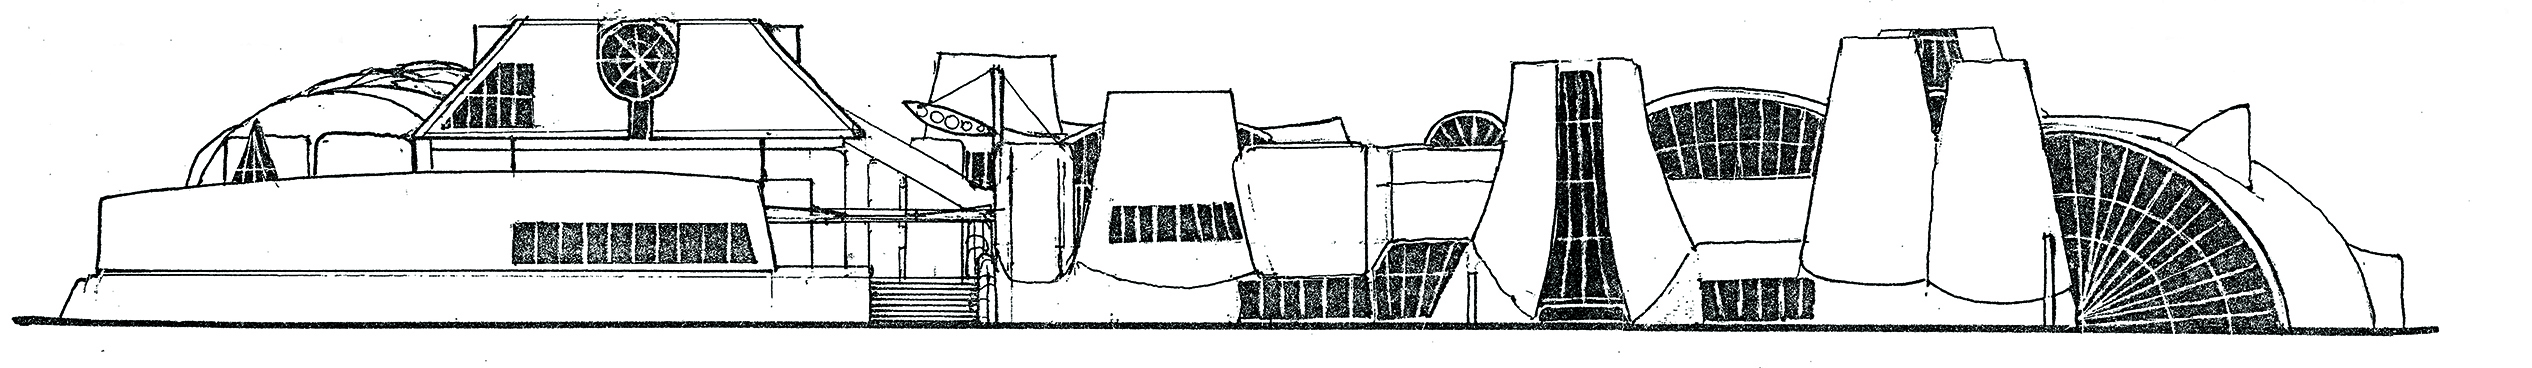 eur-2